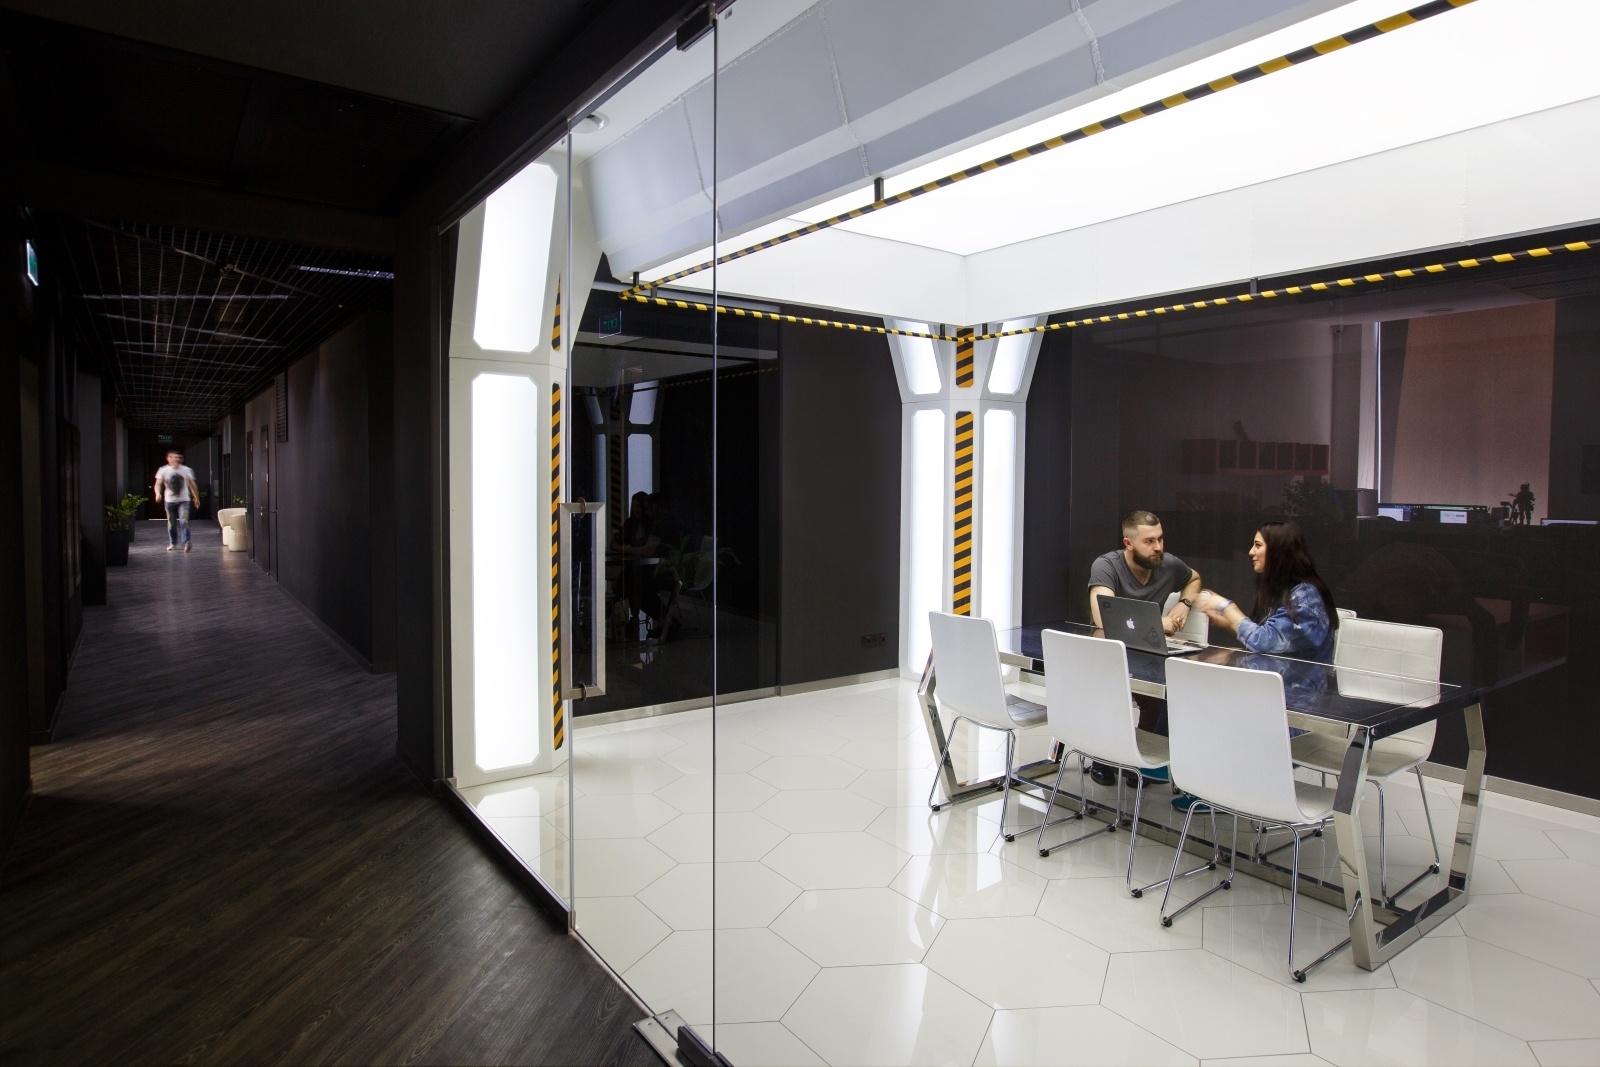 Офис Plarium Kharkiv: здесь мы разрабатываем игры - 16